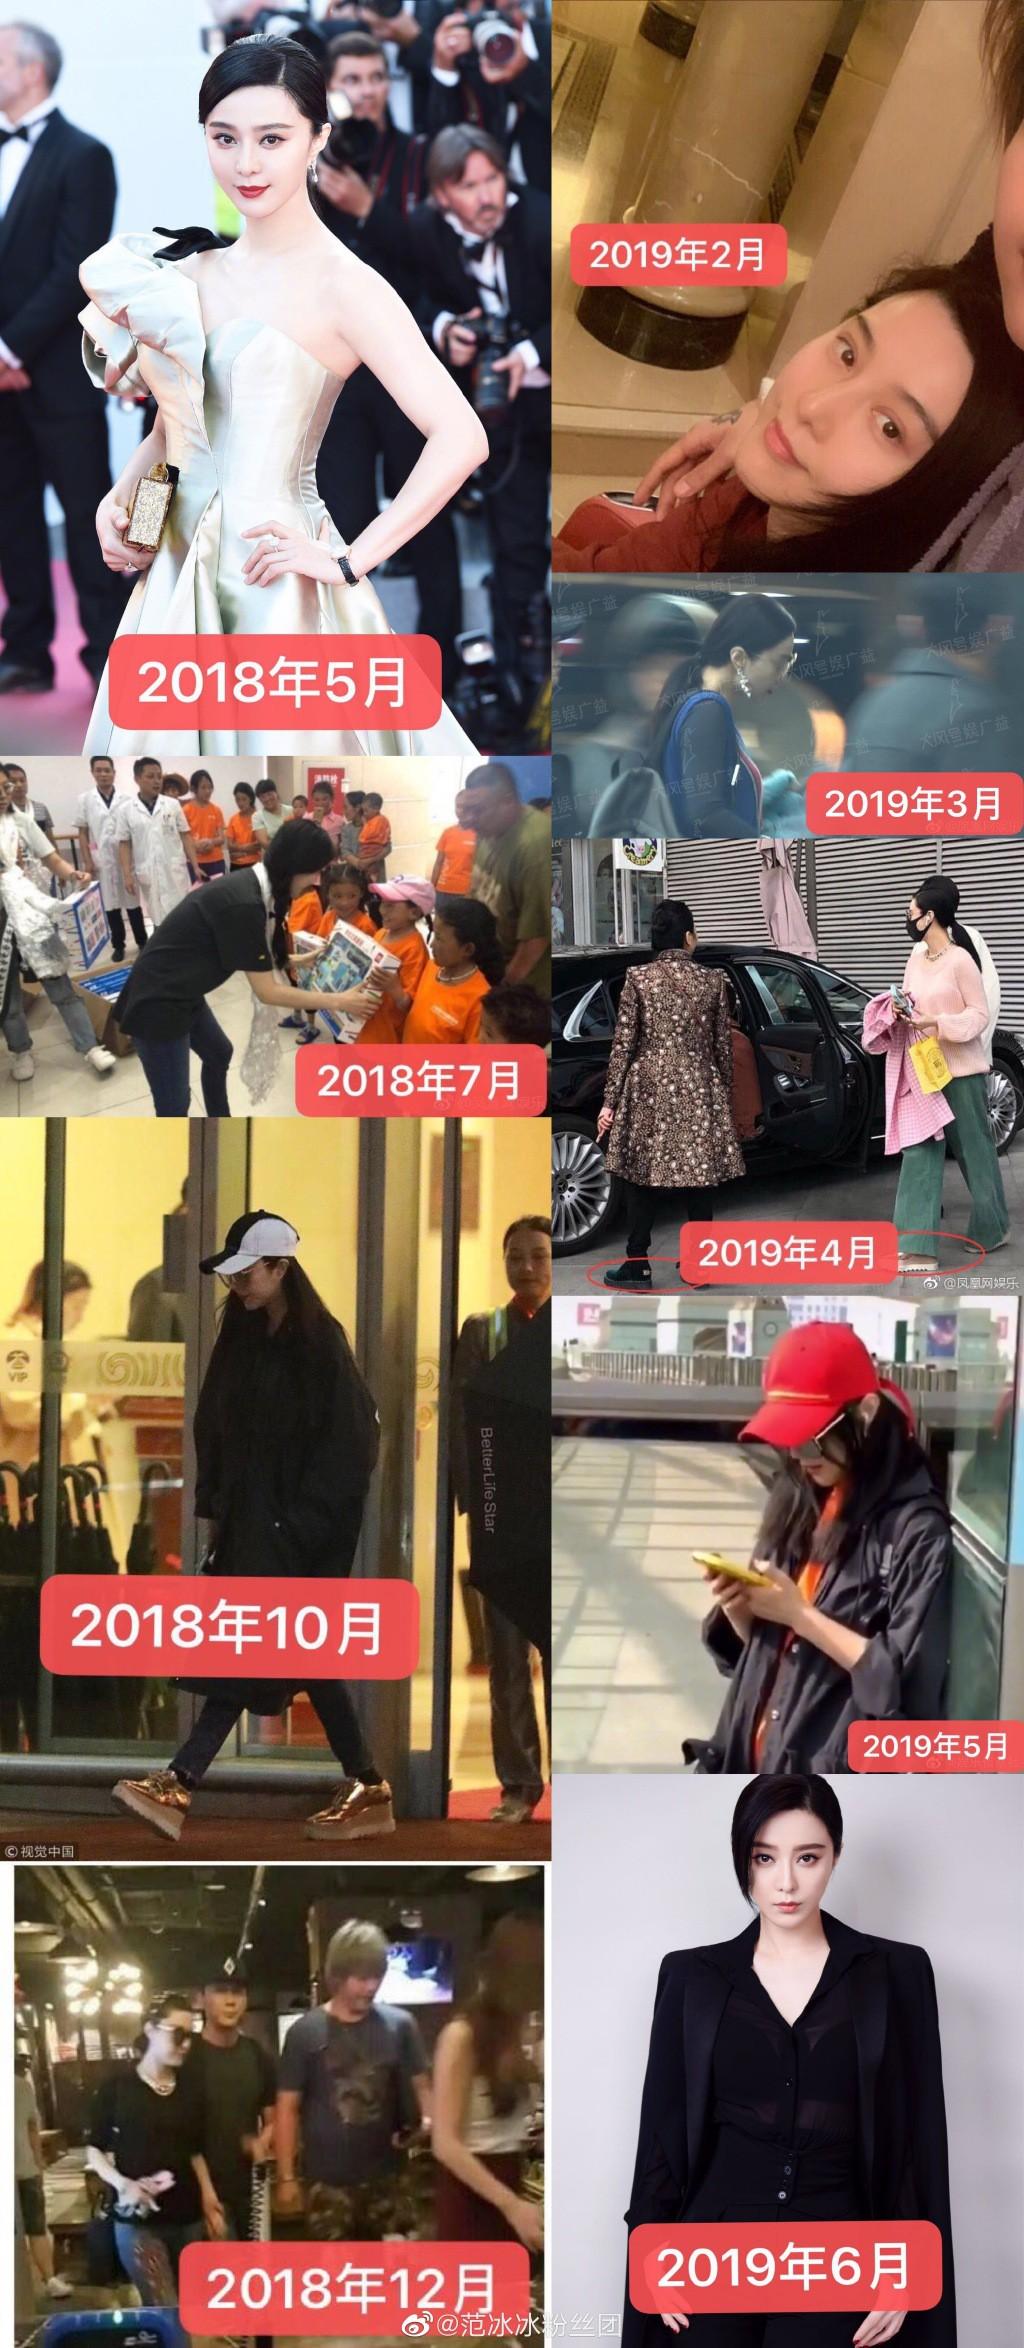 Netizen phản ứng dữ dội, đưa bằng chứng đập lại tin đồn Phạm Băng Băng mang thai nhưng không phải con Lý Thần - Ảnh 8.